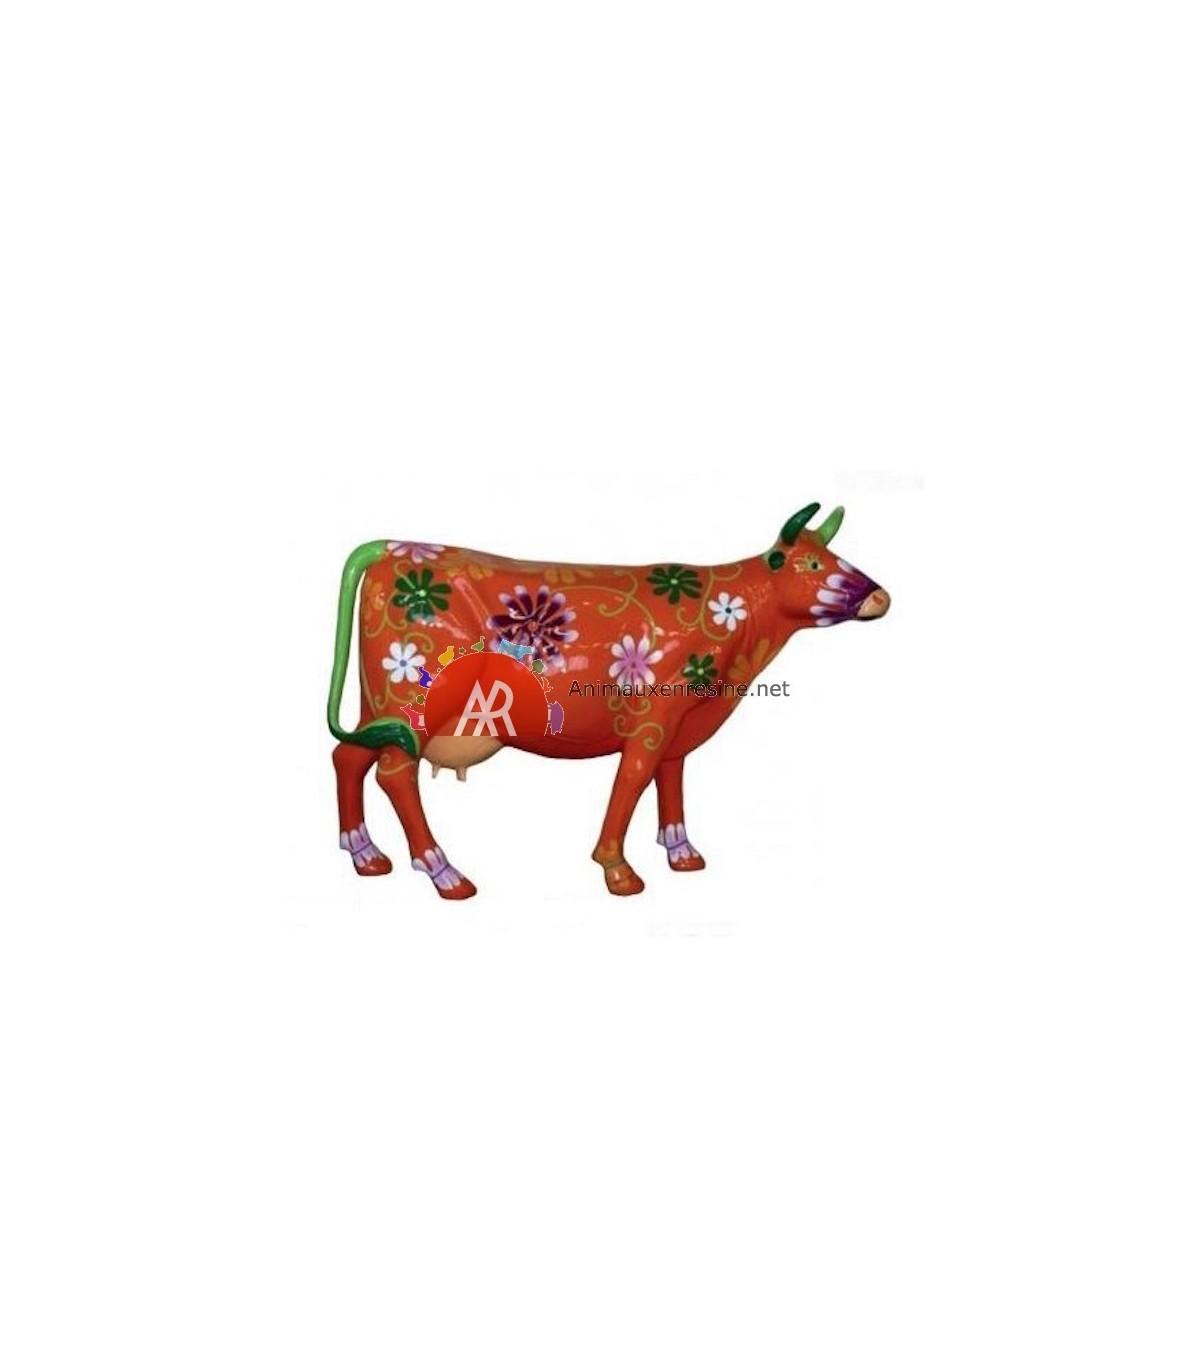 vache decorative ext rieure orange fleurs xxl en r sine. Black Bedroom Furniture Sets. Home Design Ideas